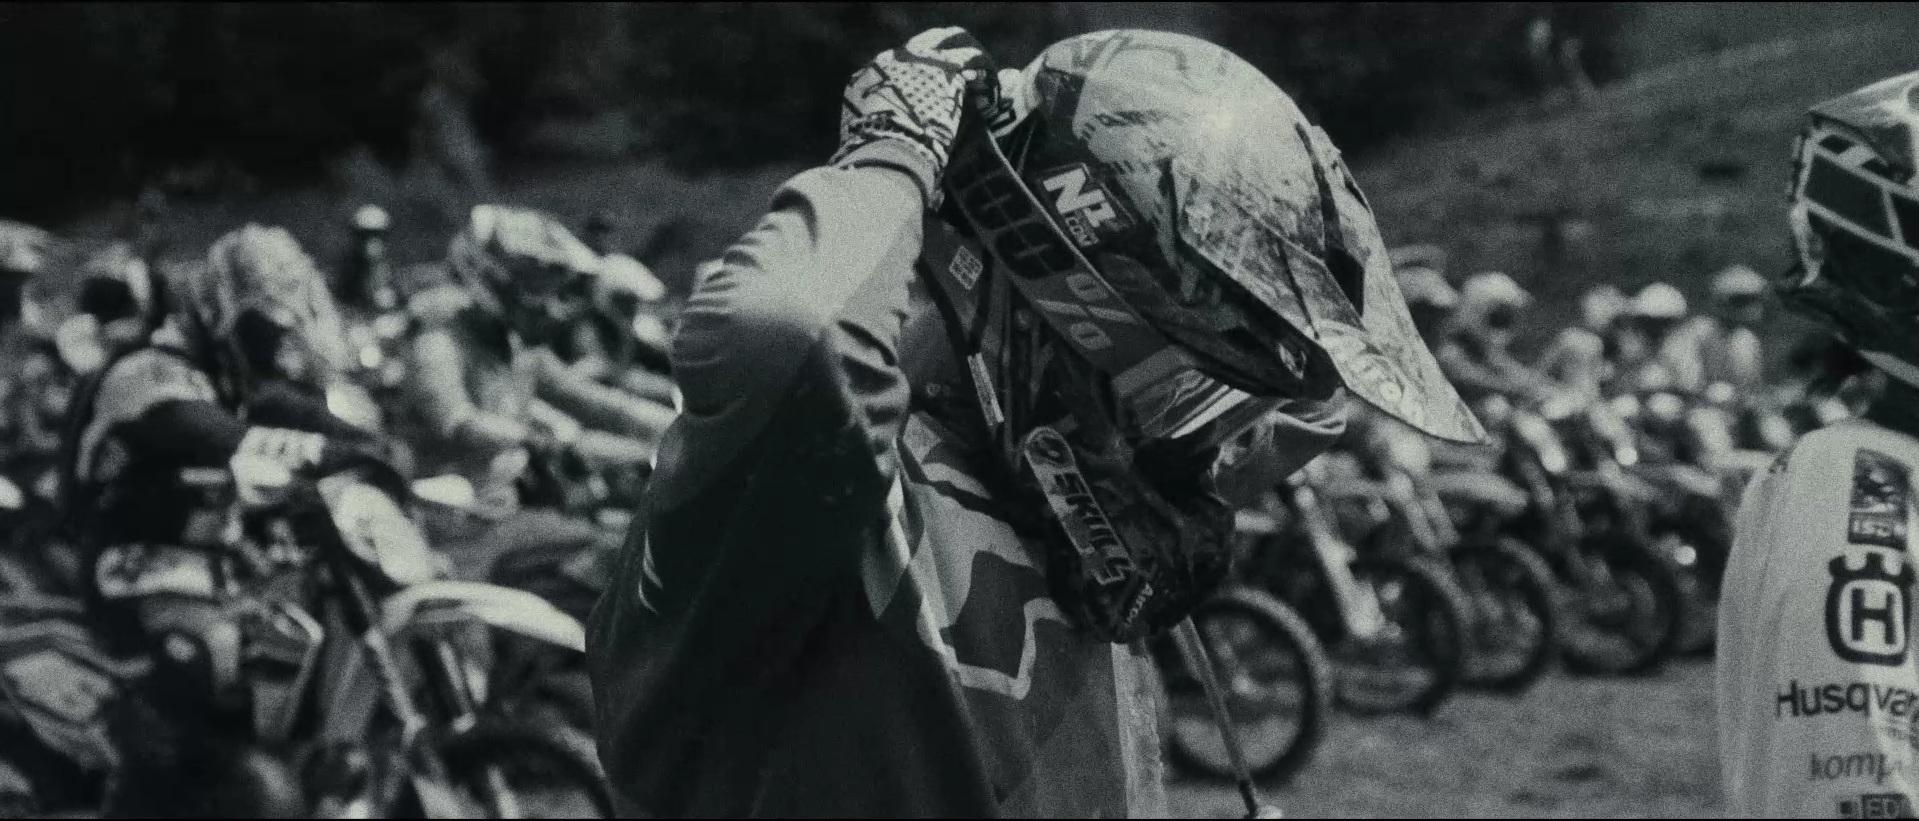 M.I.N.D. - a Motocross film